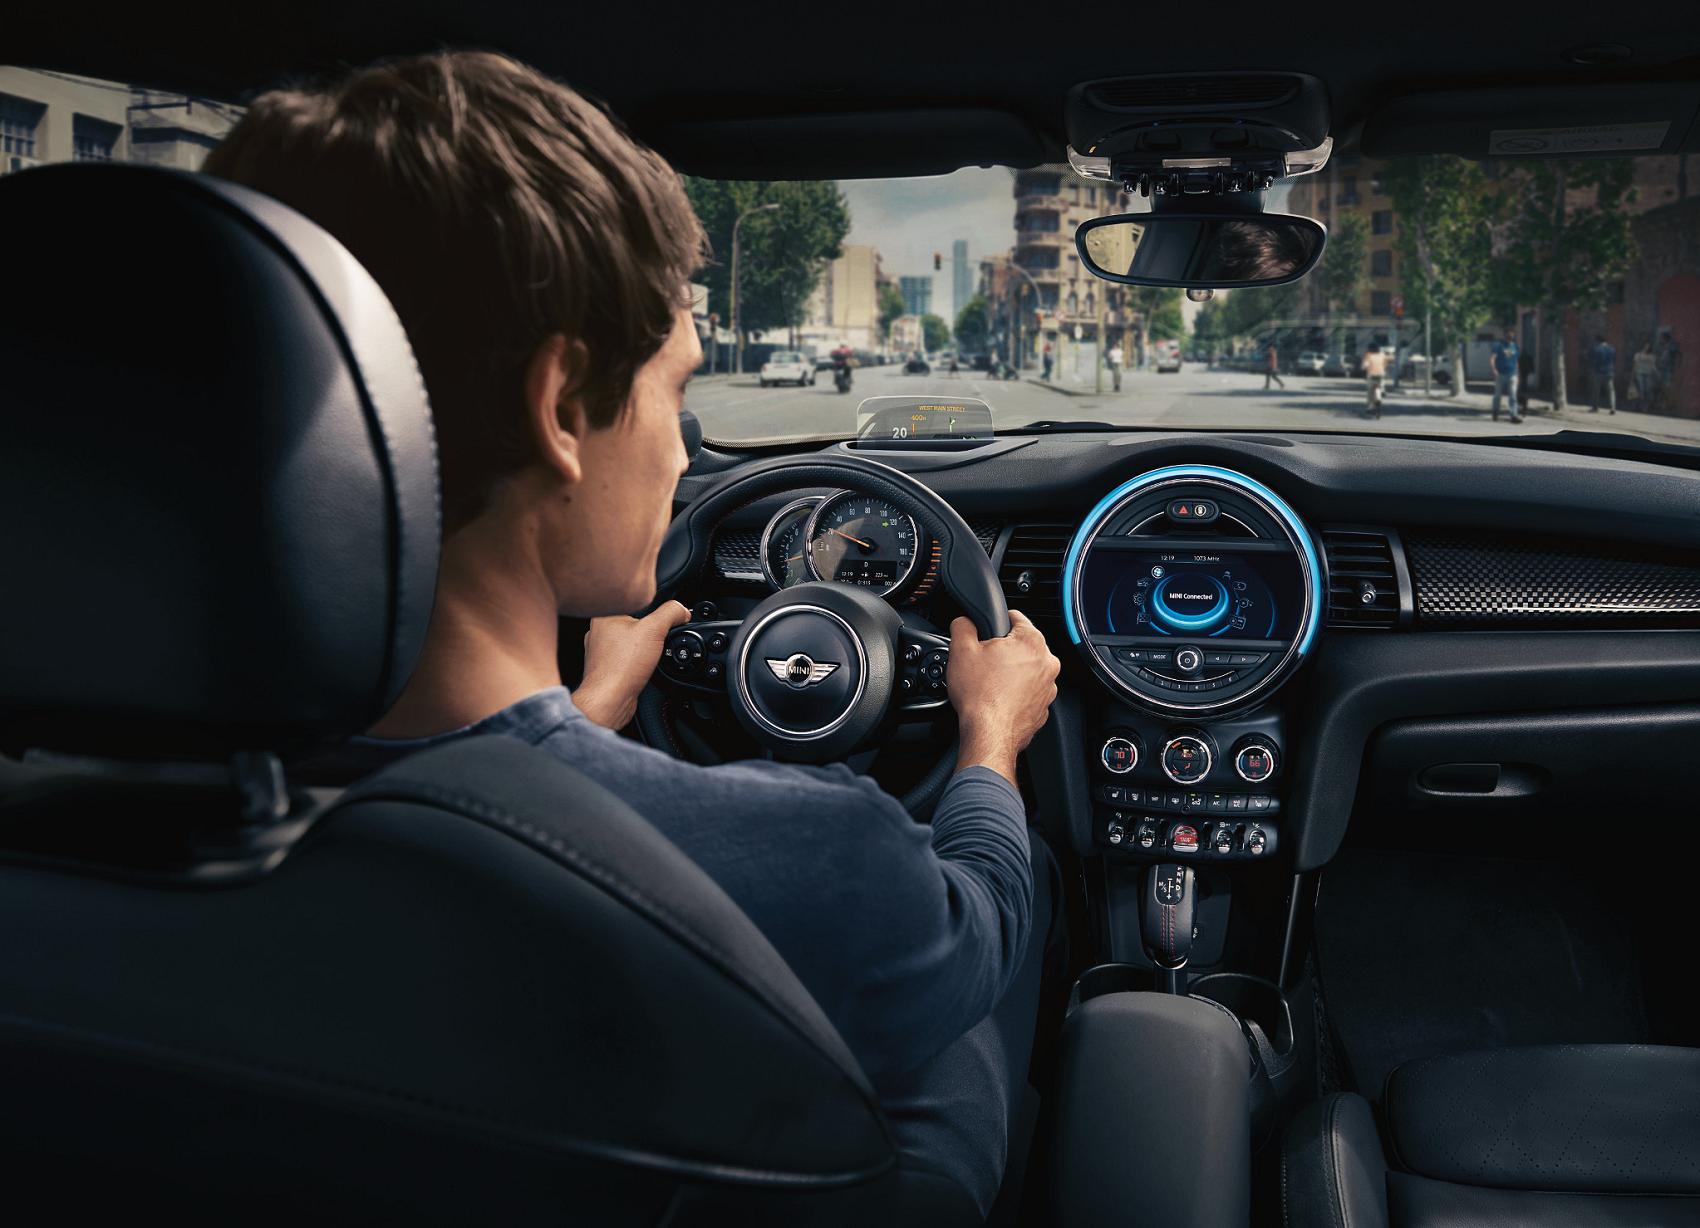 2019 Mini Cooper Interior Technology